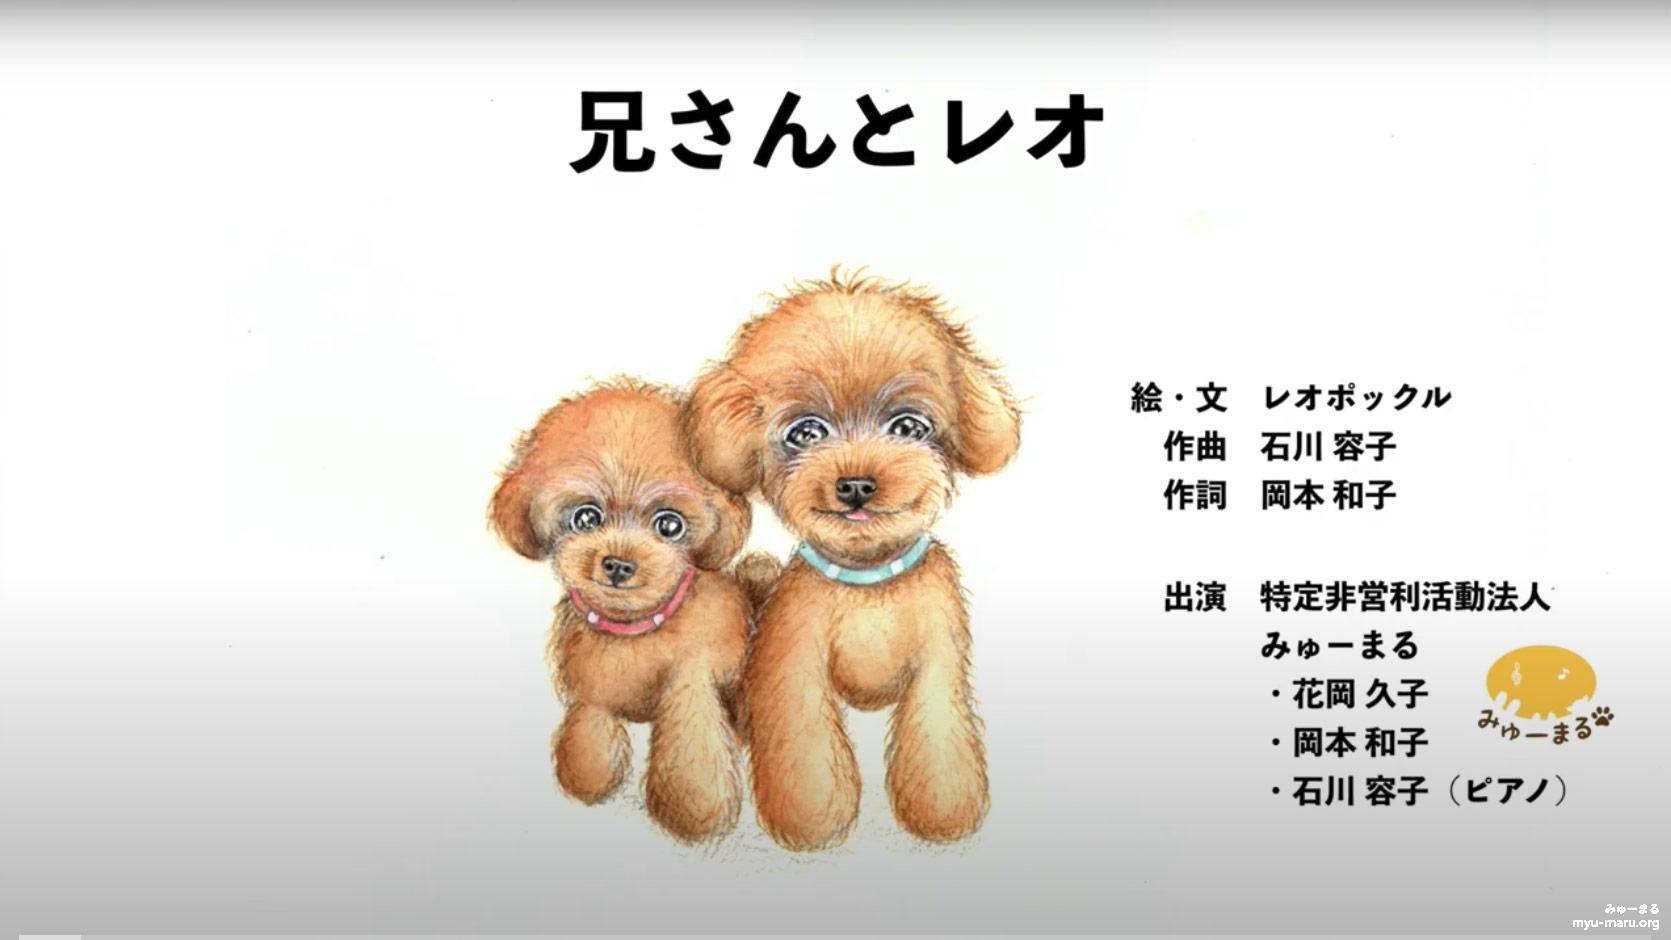 絵本朗読「兄さんとレオ」【みゅーまる☆おはなし大作戦第1弾】